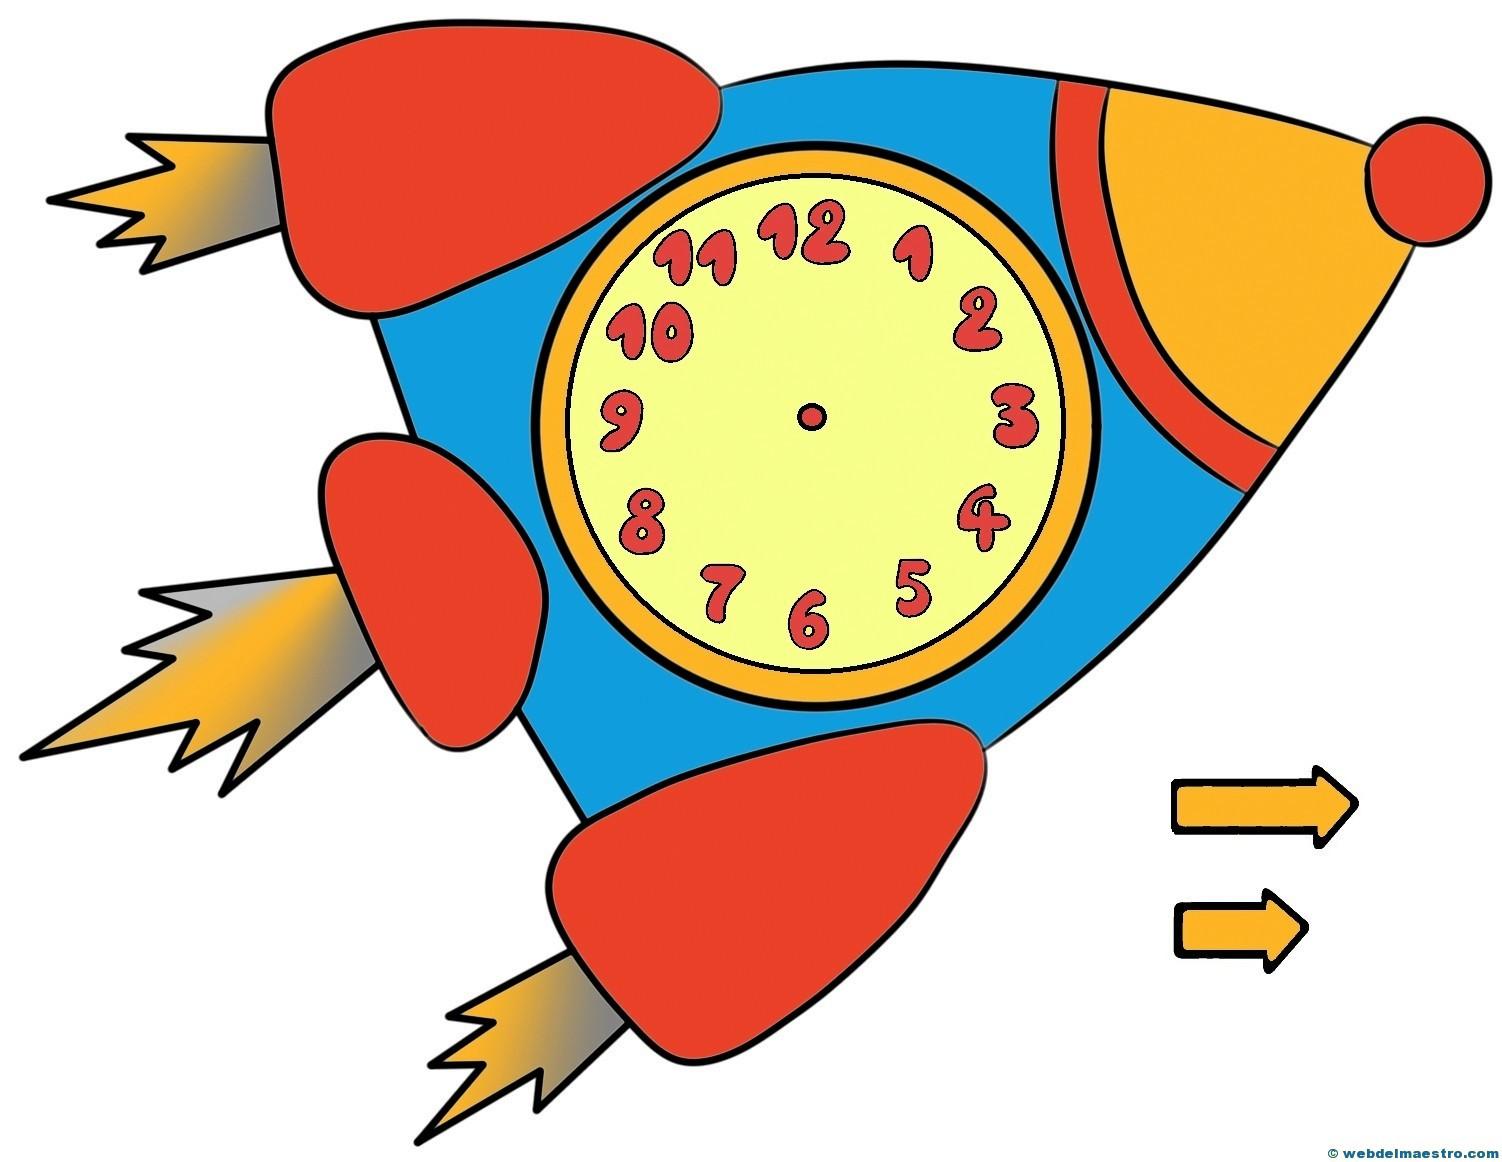 Relojes para aprender la hora 5 color web del maestro - Manualidades relojes infantiles ...